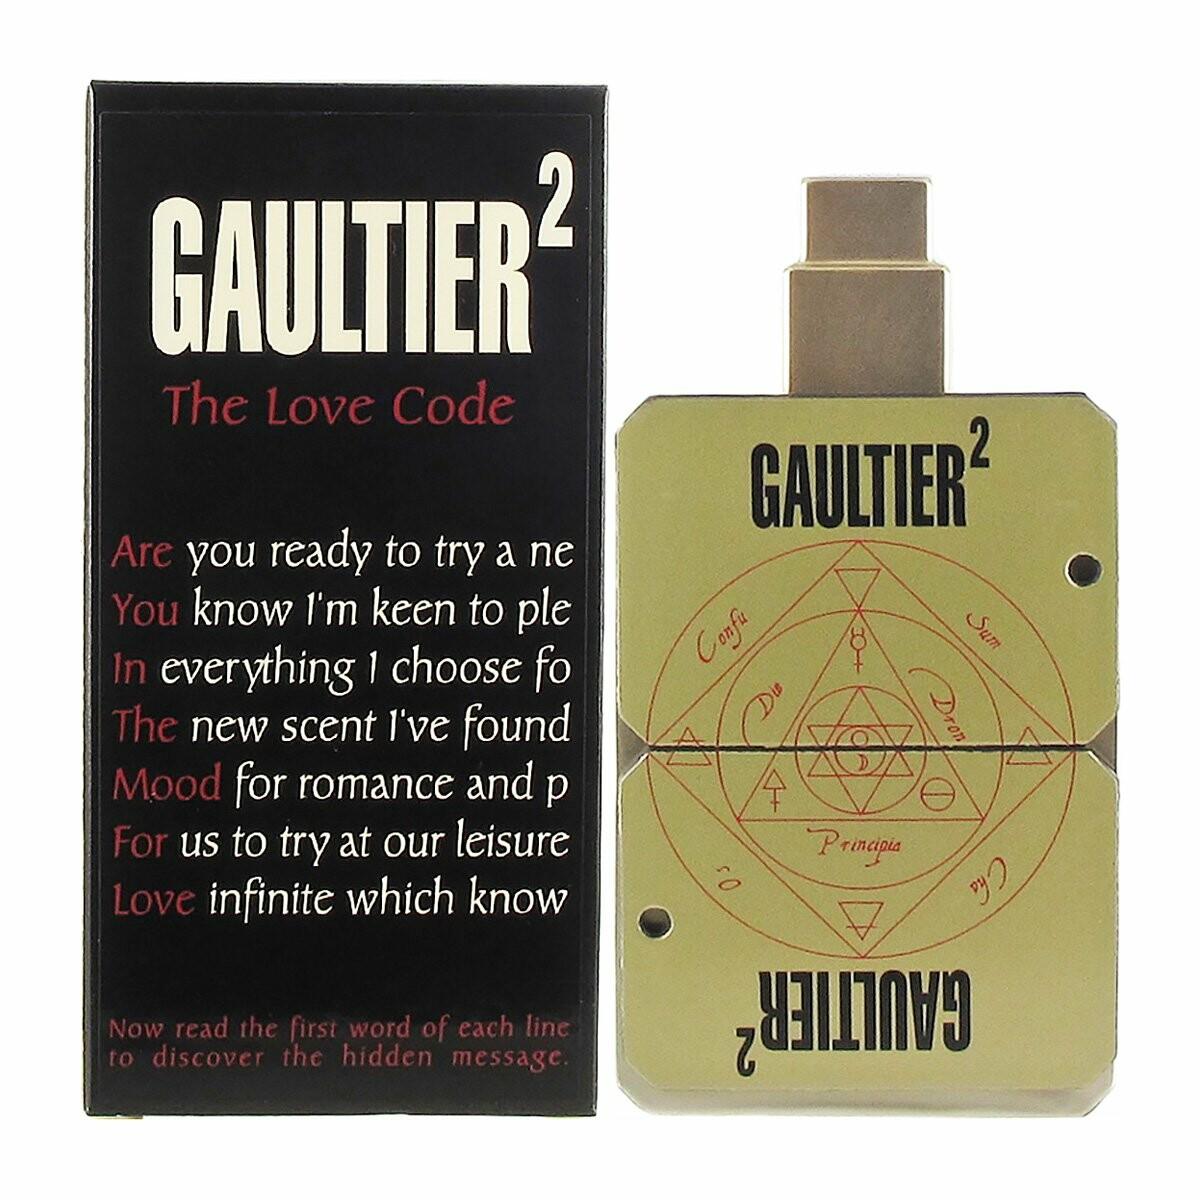 Jean Paul Gaultier Gaultier 2 The Love Code